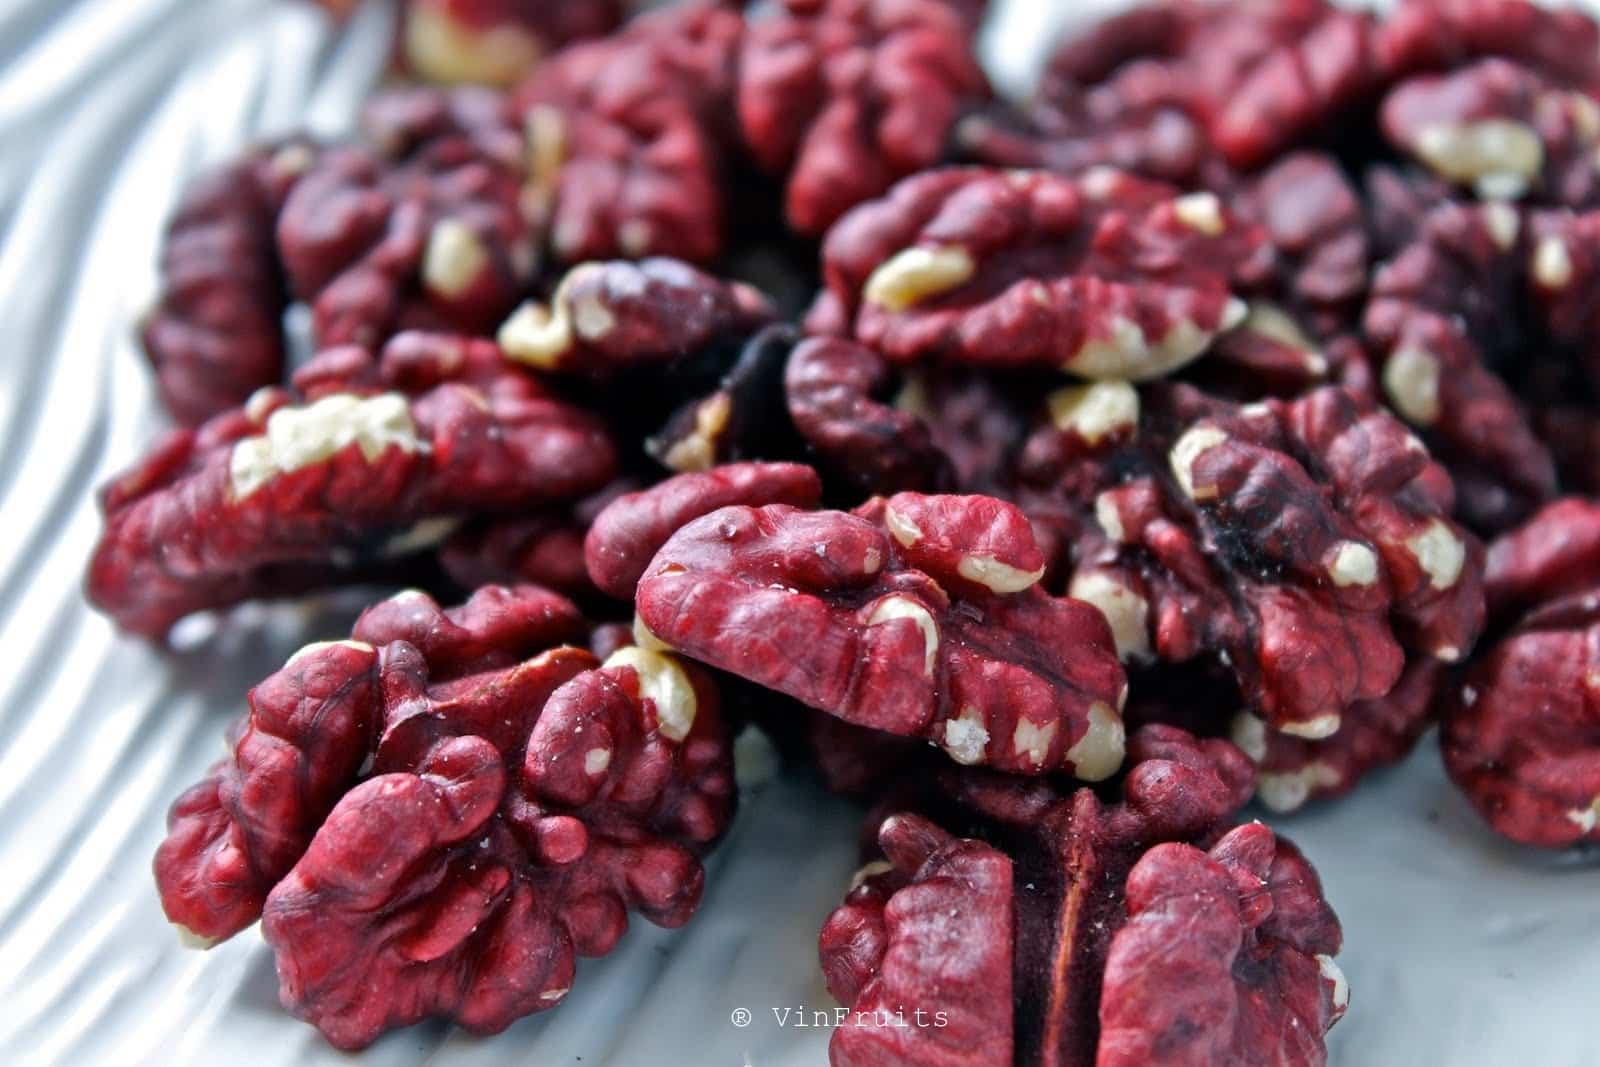 Óc chó đỏ - Red walnuts Mỹ